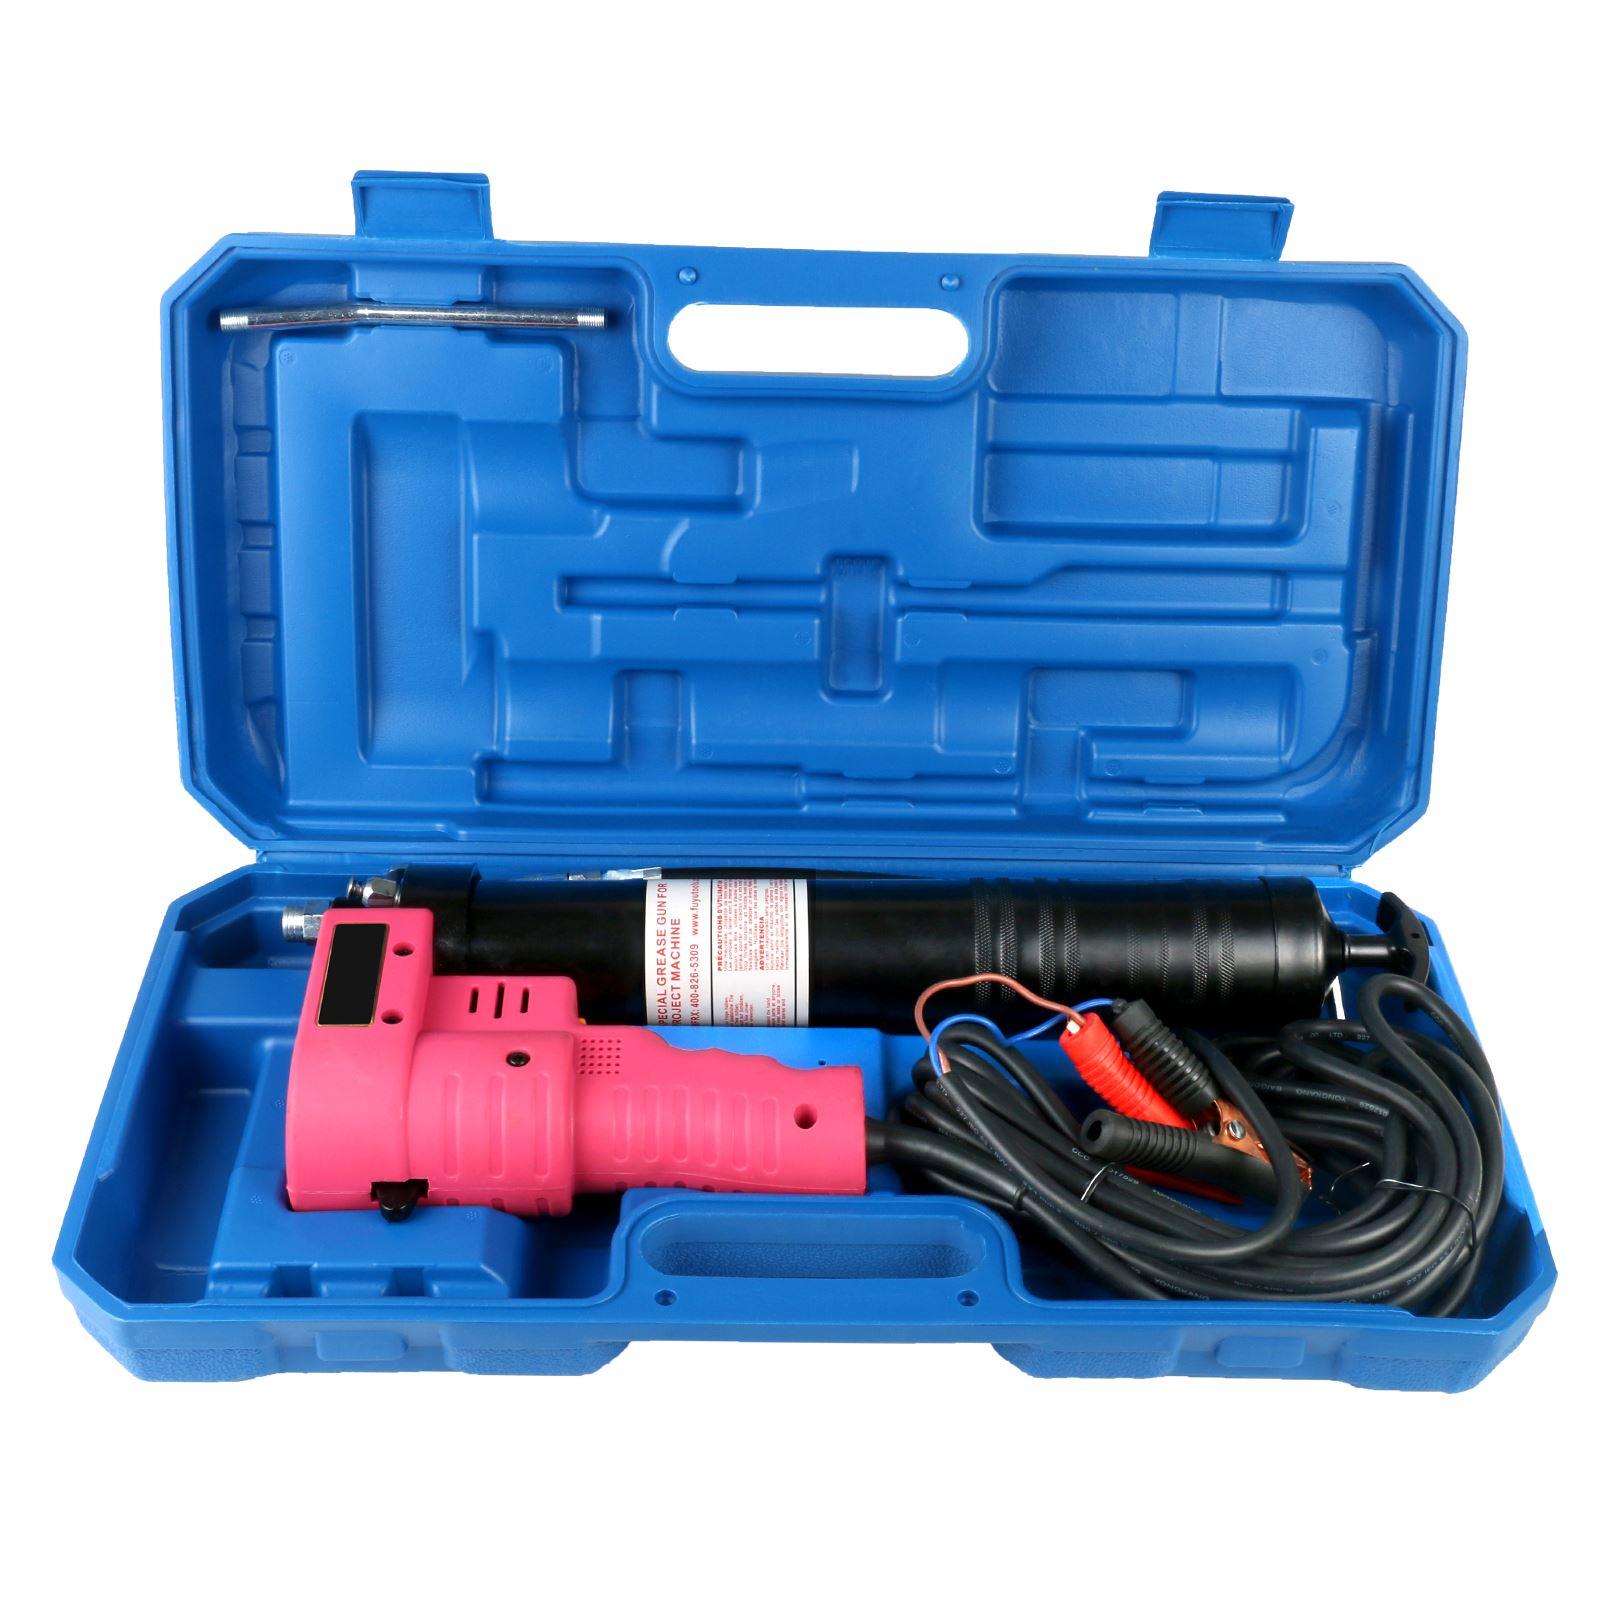 Ht-600 Auto réparation outil lubrifiant huile ravitaillement Machine 600 CC 12 V/24 V électrique haute pression pistolet à graisse